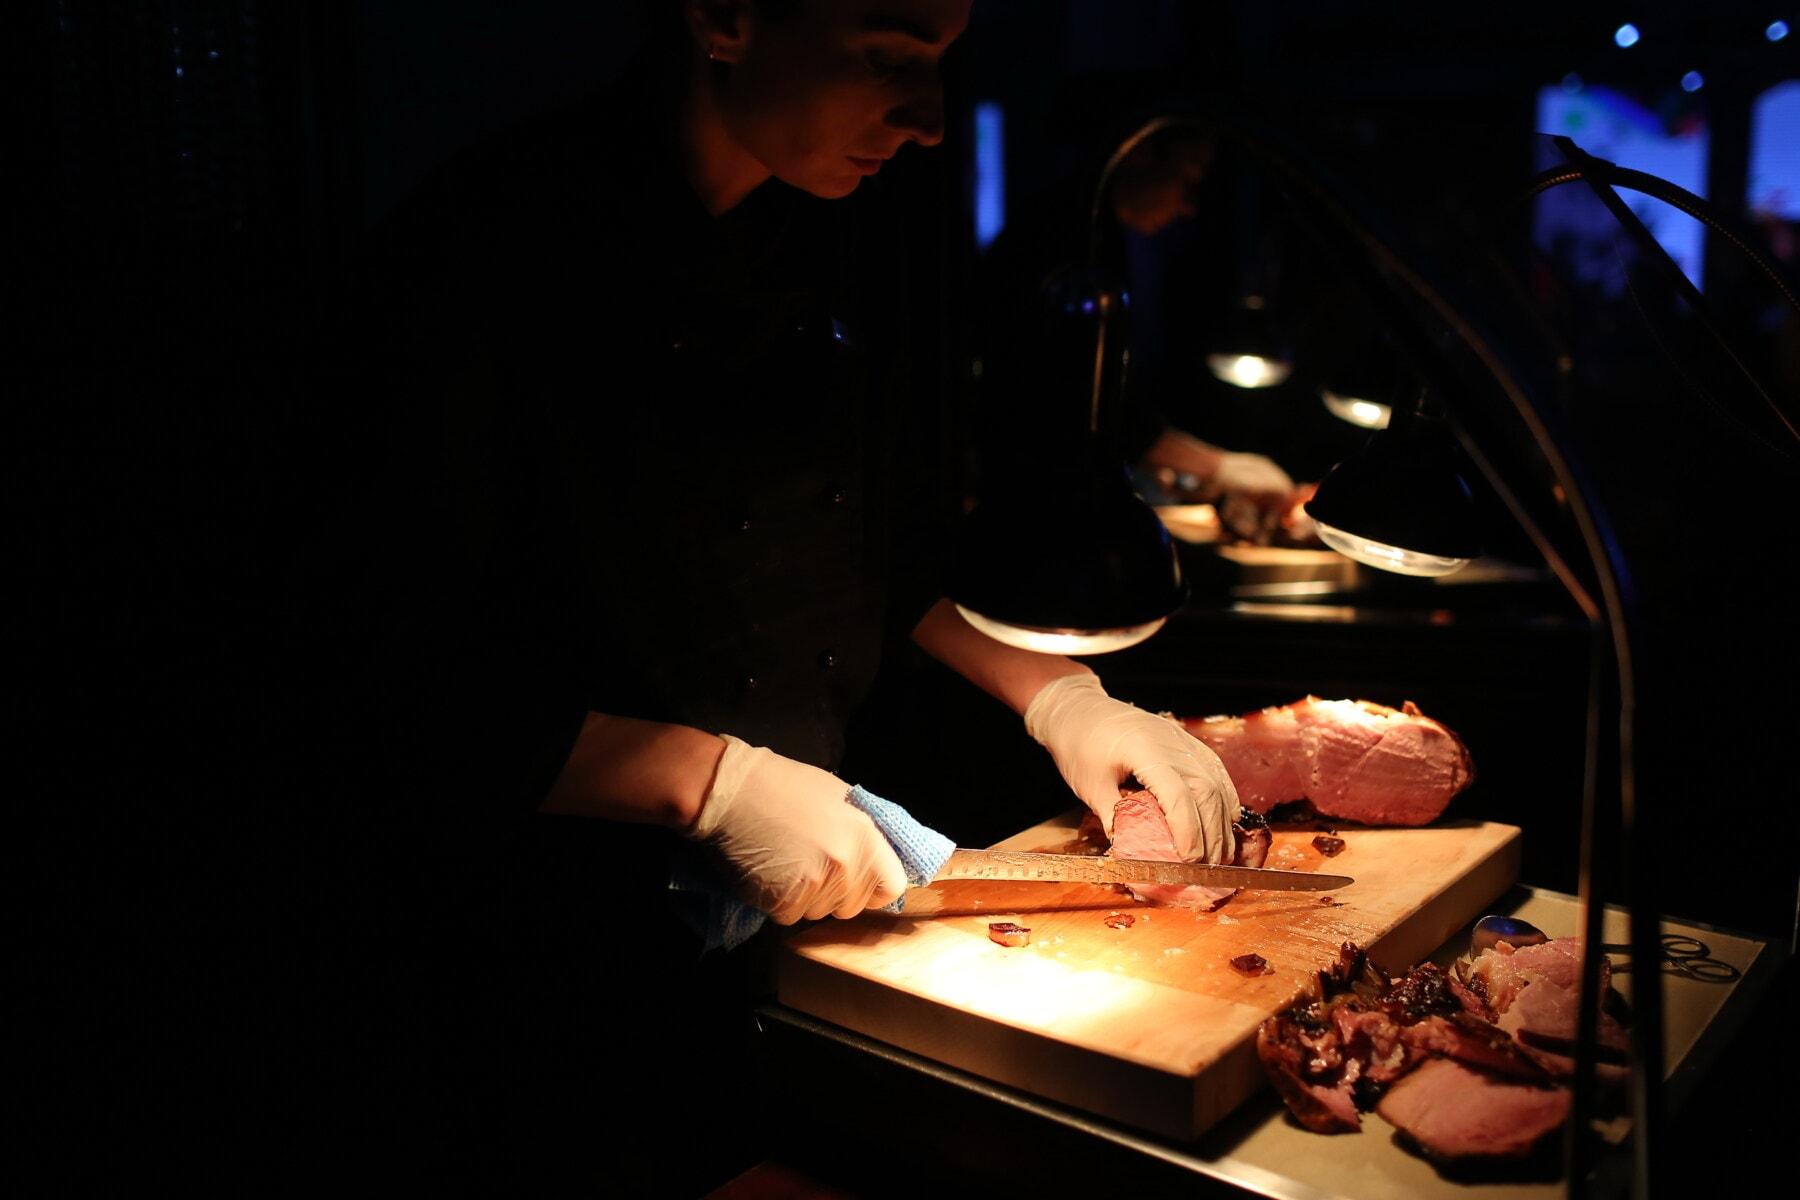 Kochen, Chief, Schweinelendchen, Fleisch, Restaurant, Nachtleben, Lampe, Küchentisch, Person, Menschen